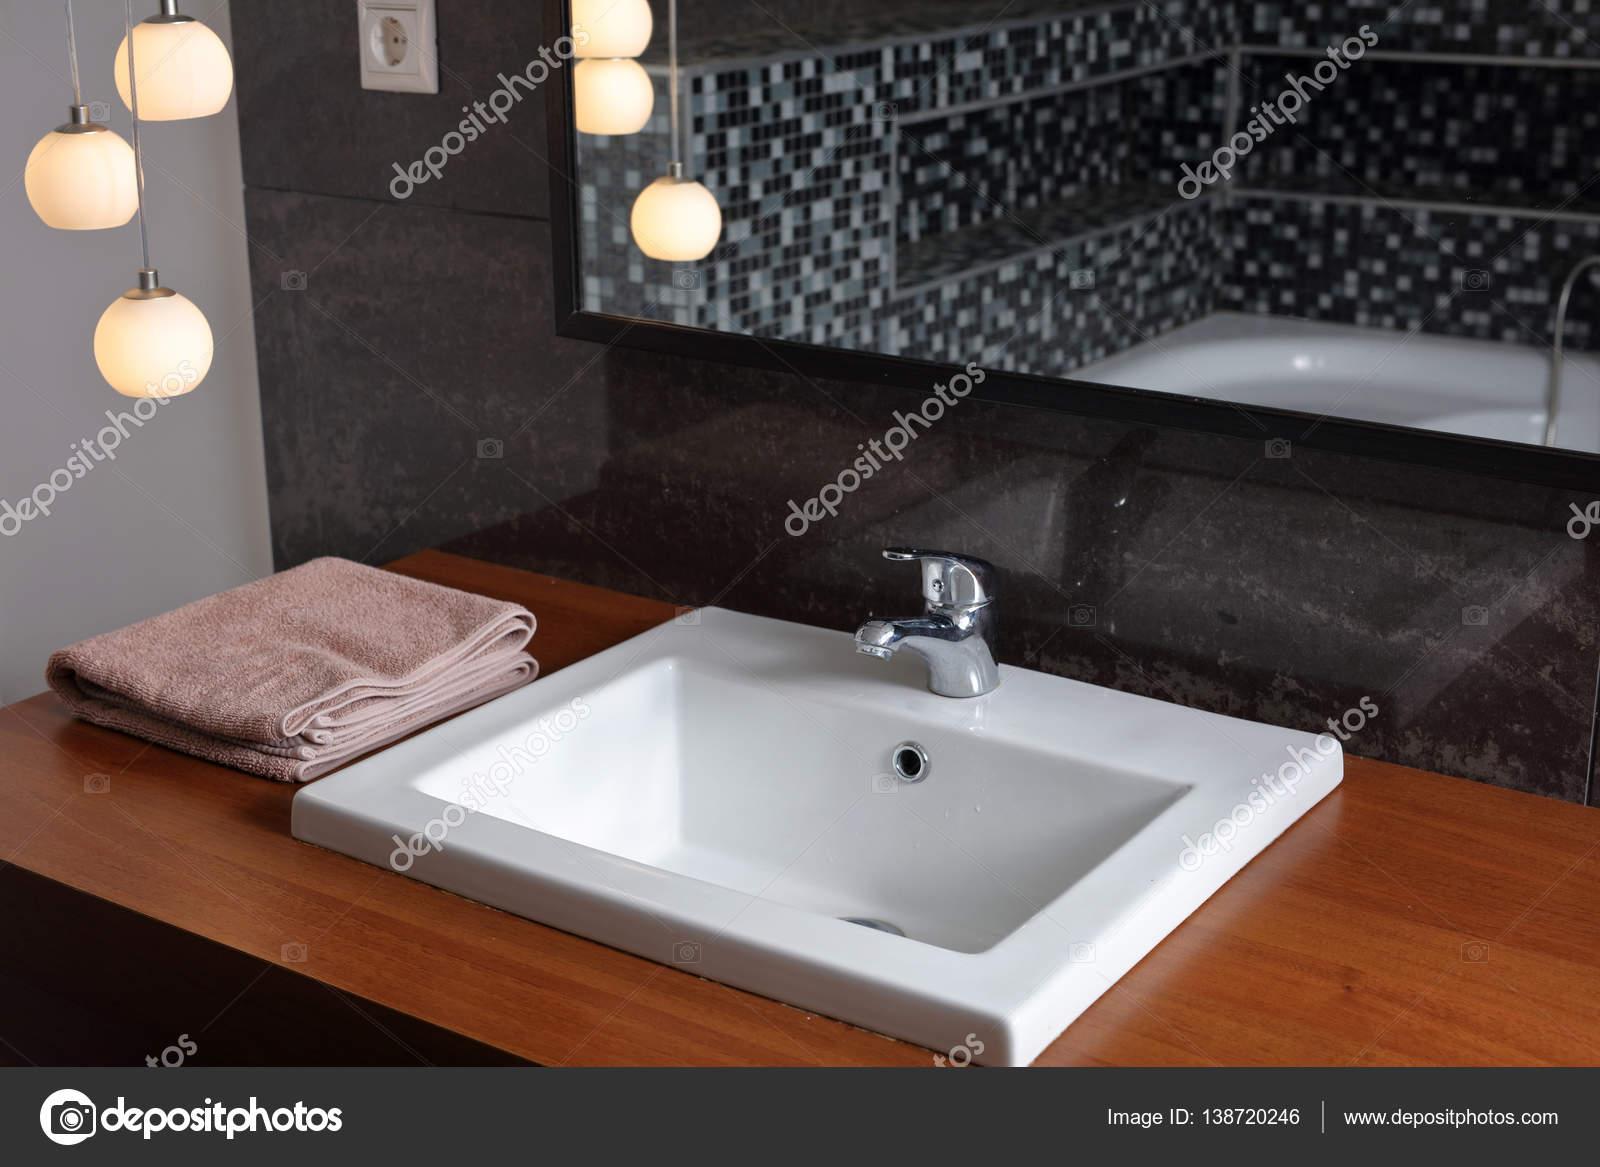 Badkamer wastafel, wastafels. Sanitair in moderne minimalistische ...